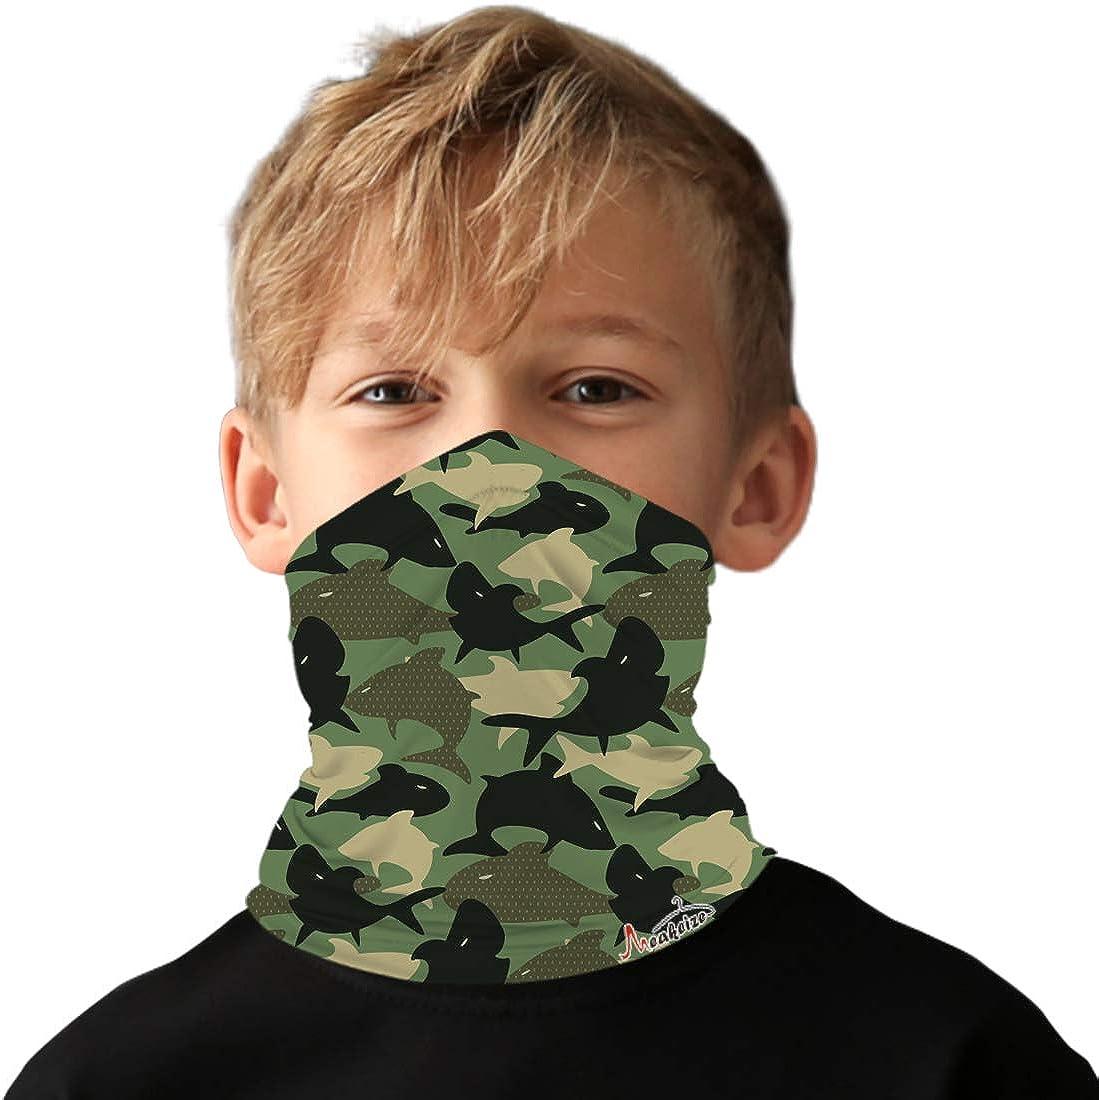 meakeize Kids Full-Coverage Tube Face Mask Bandanas UV Protection Neck Gaiter Headband, UPF 50+ Fabric